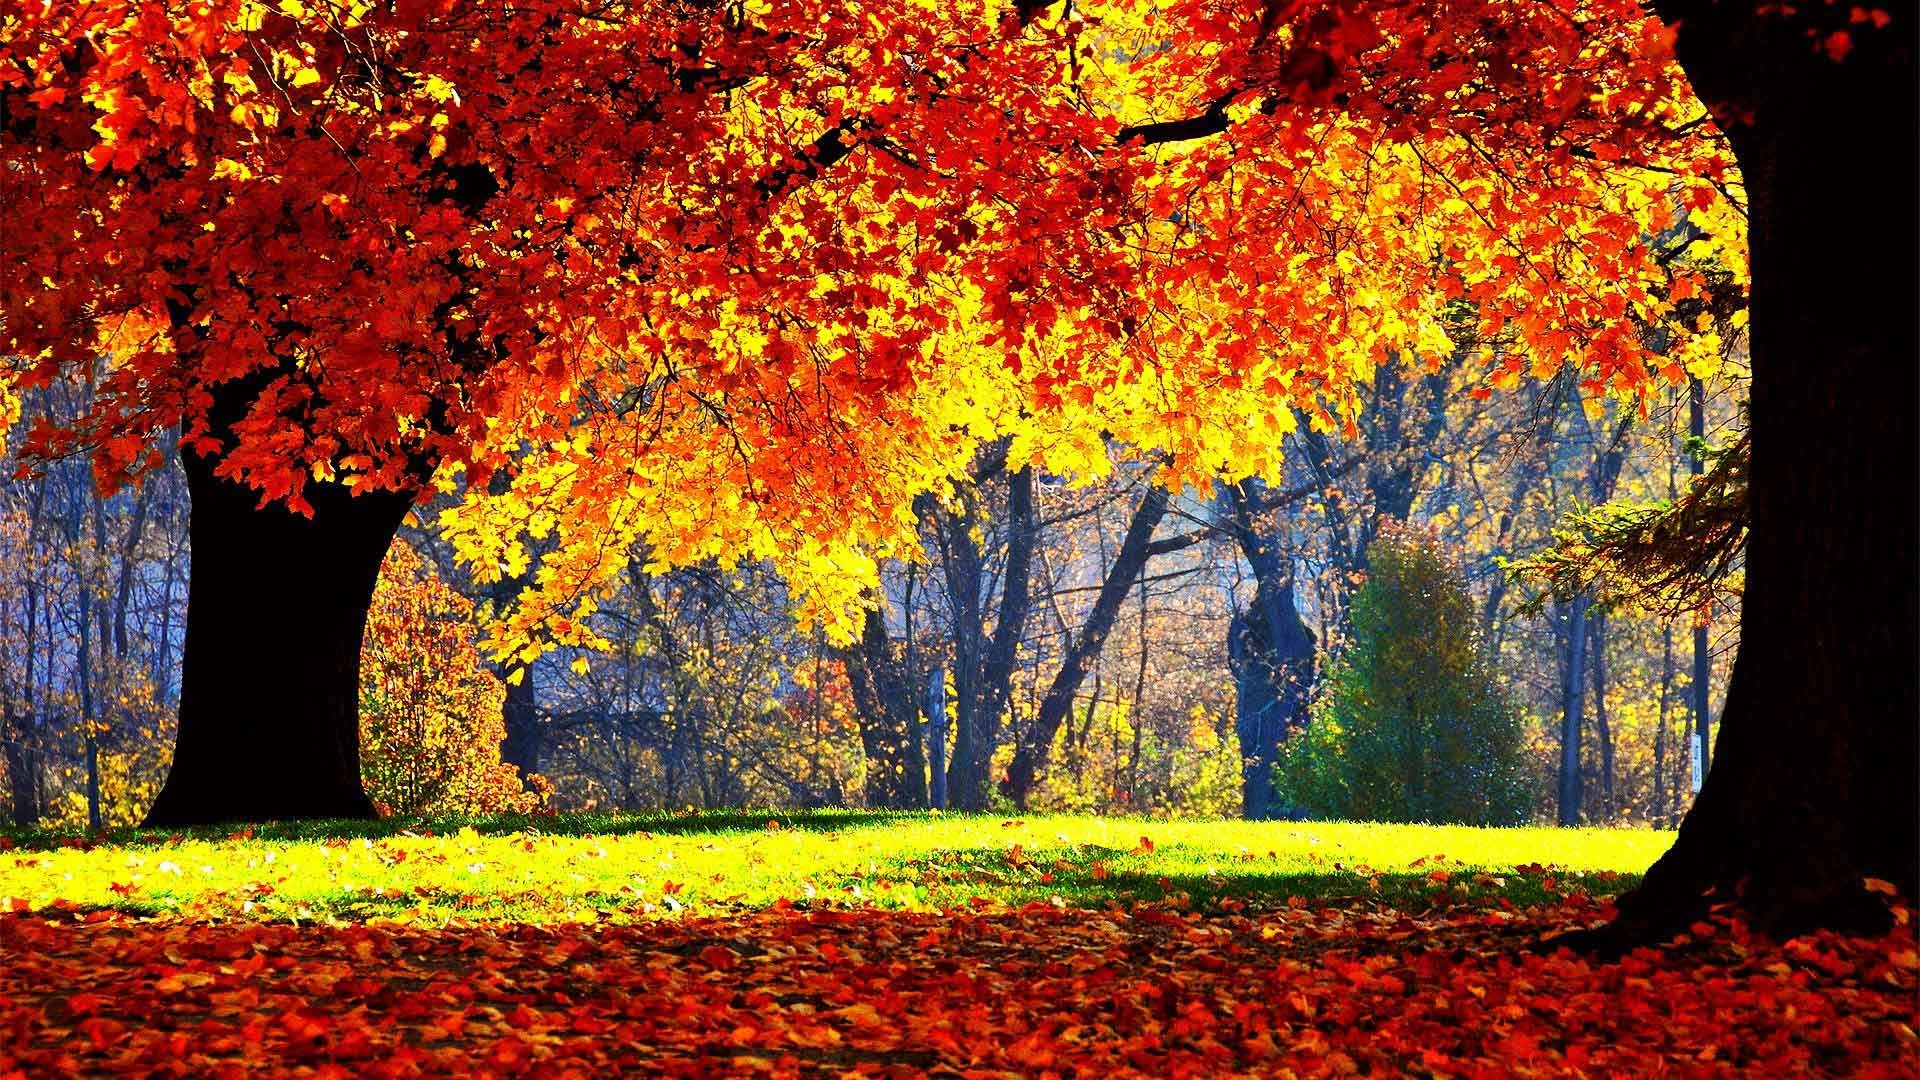 autumn season - photo #39